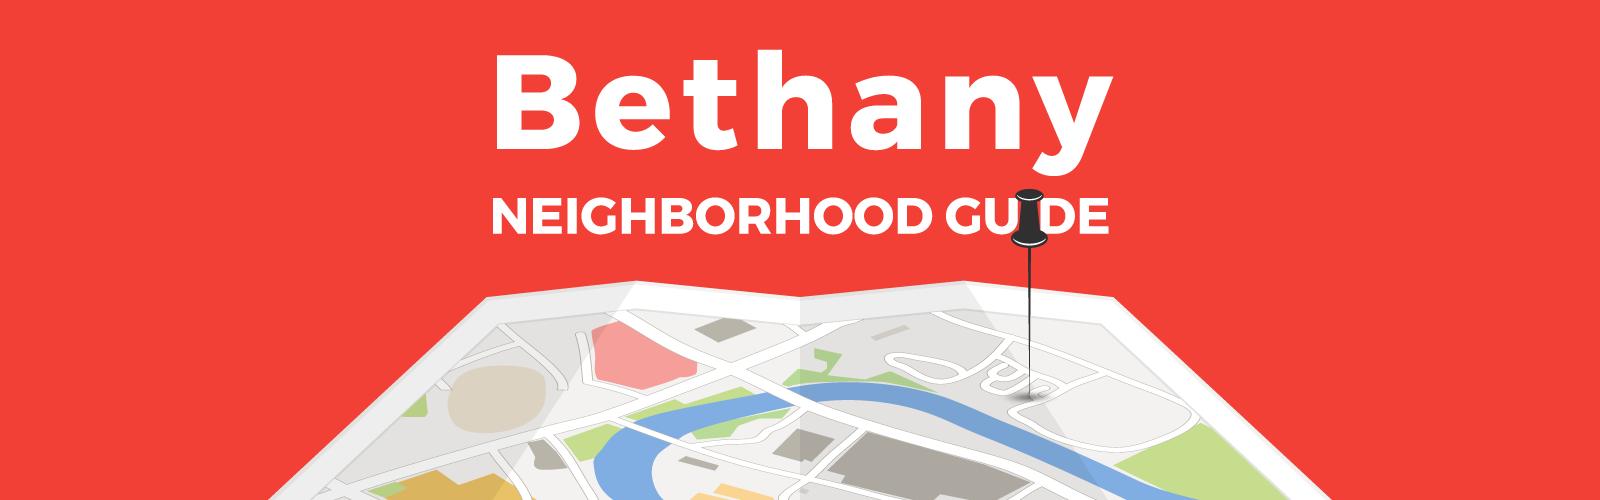 Bethany - Portland Neighborhood Guide